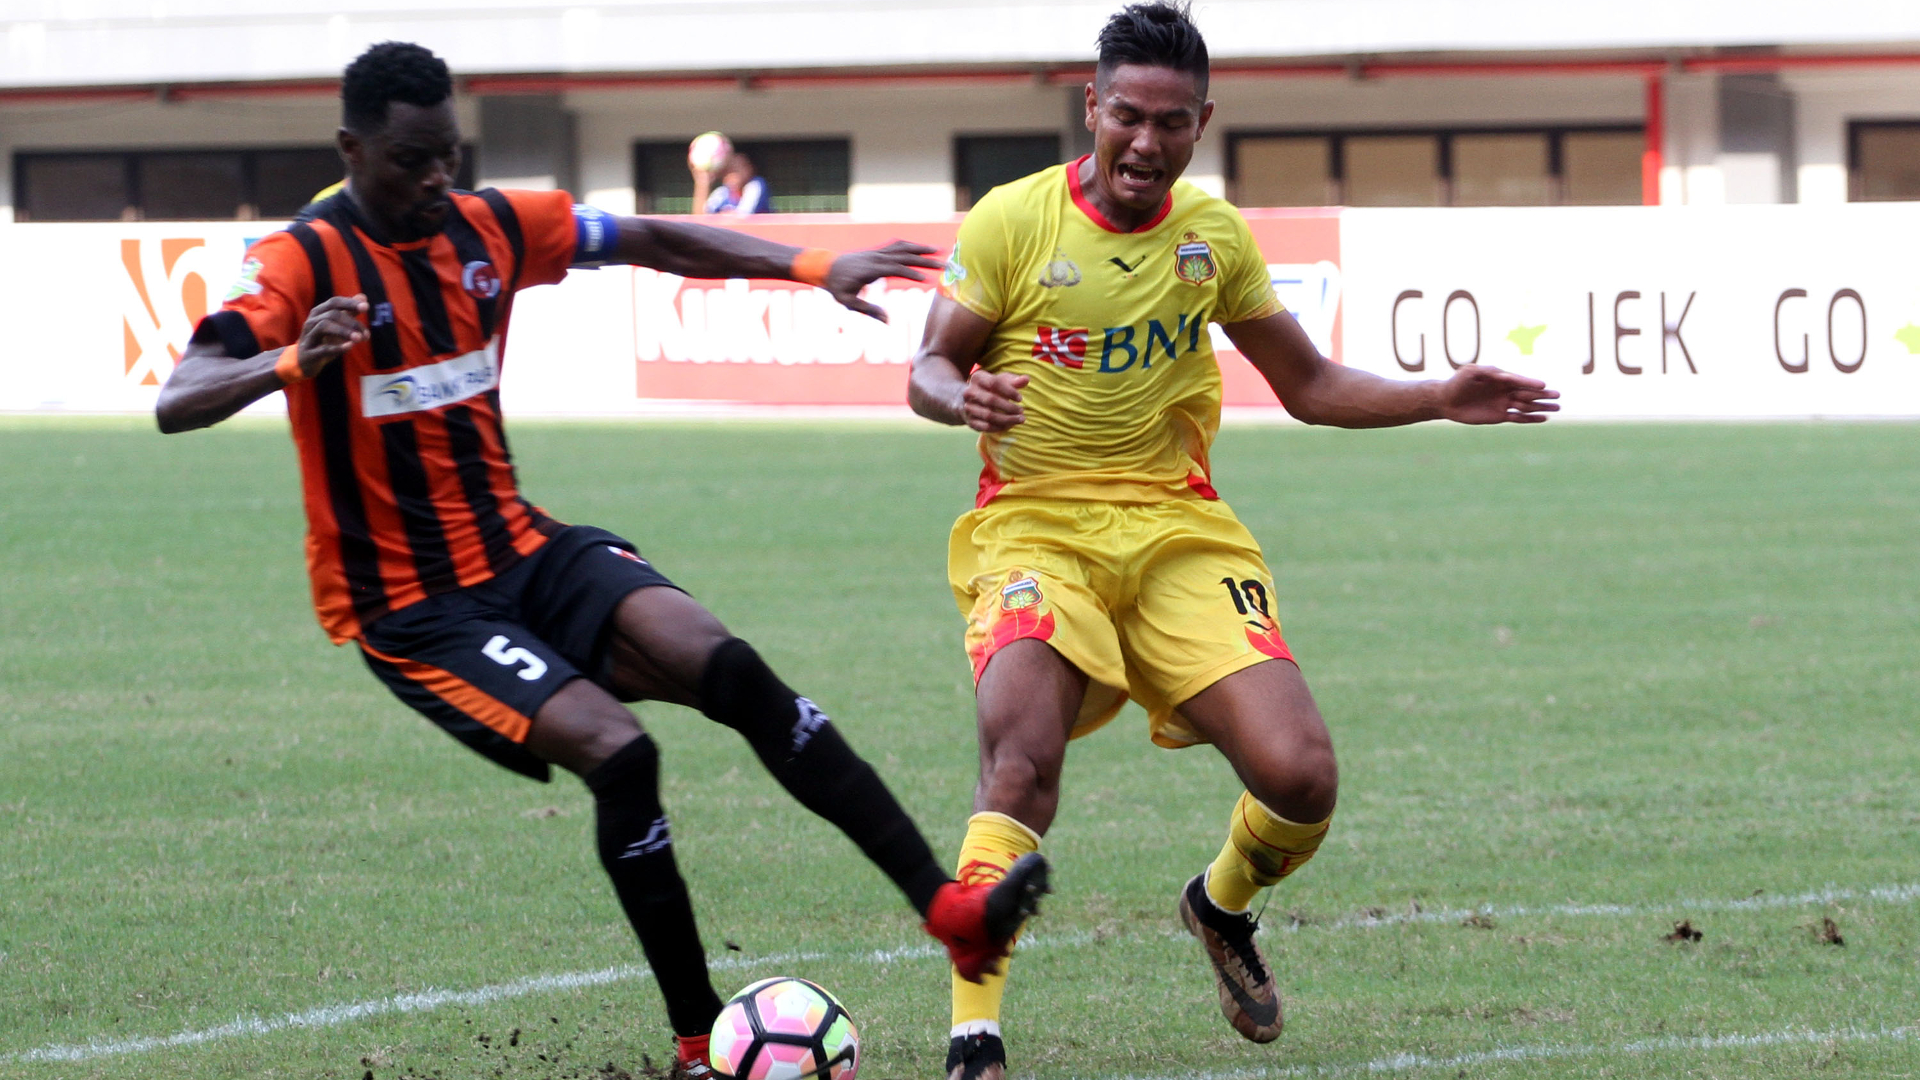 Perseru Serui V Bhayangkara Laporan Pertandingan  Liga  Goal Com